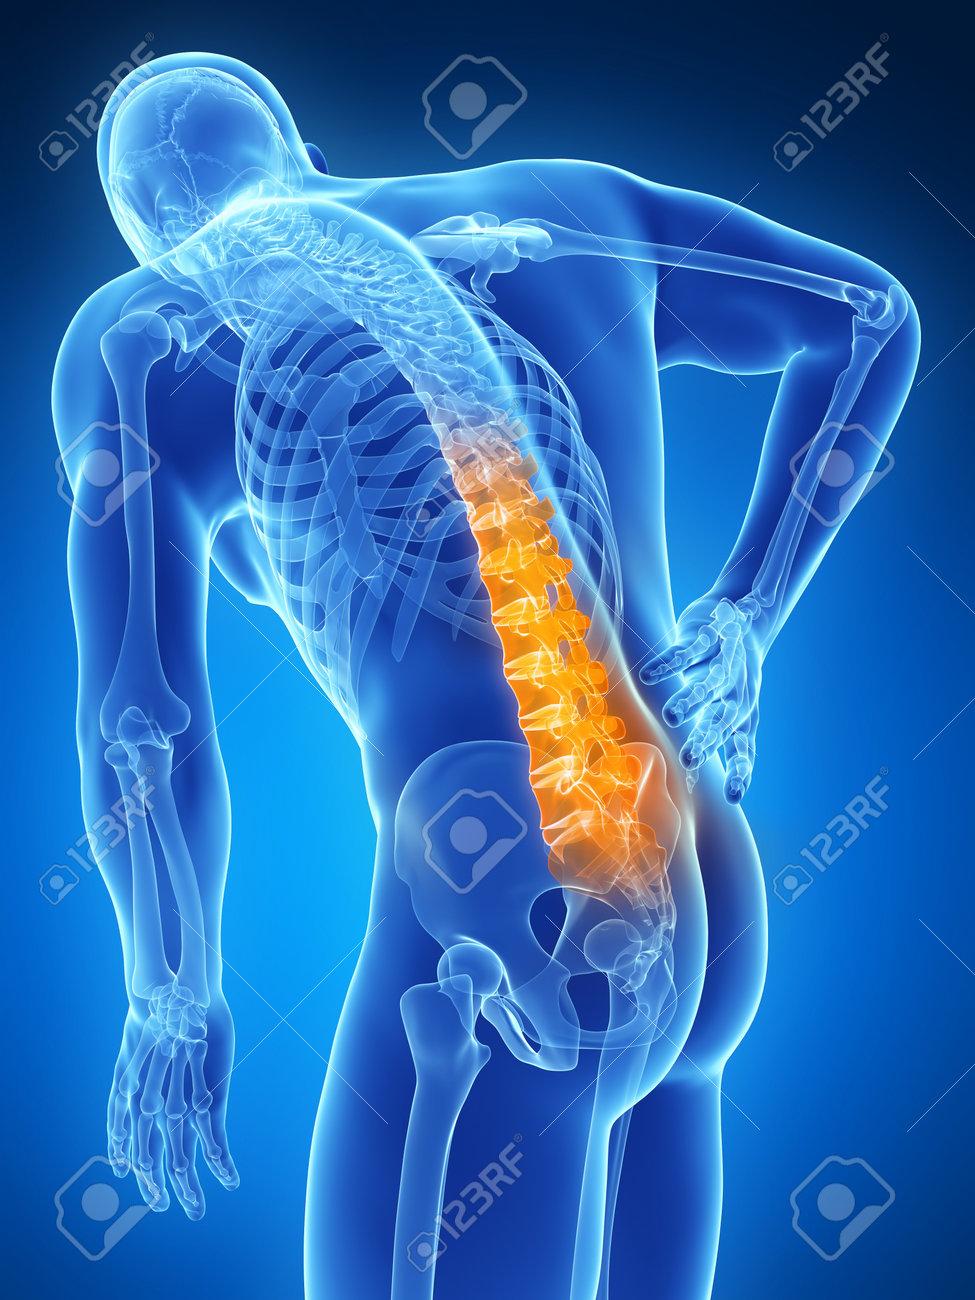 「腰痛 フリー素材」の画像検索結果